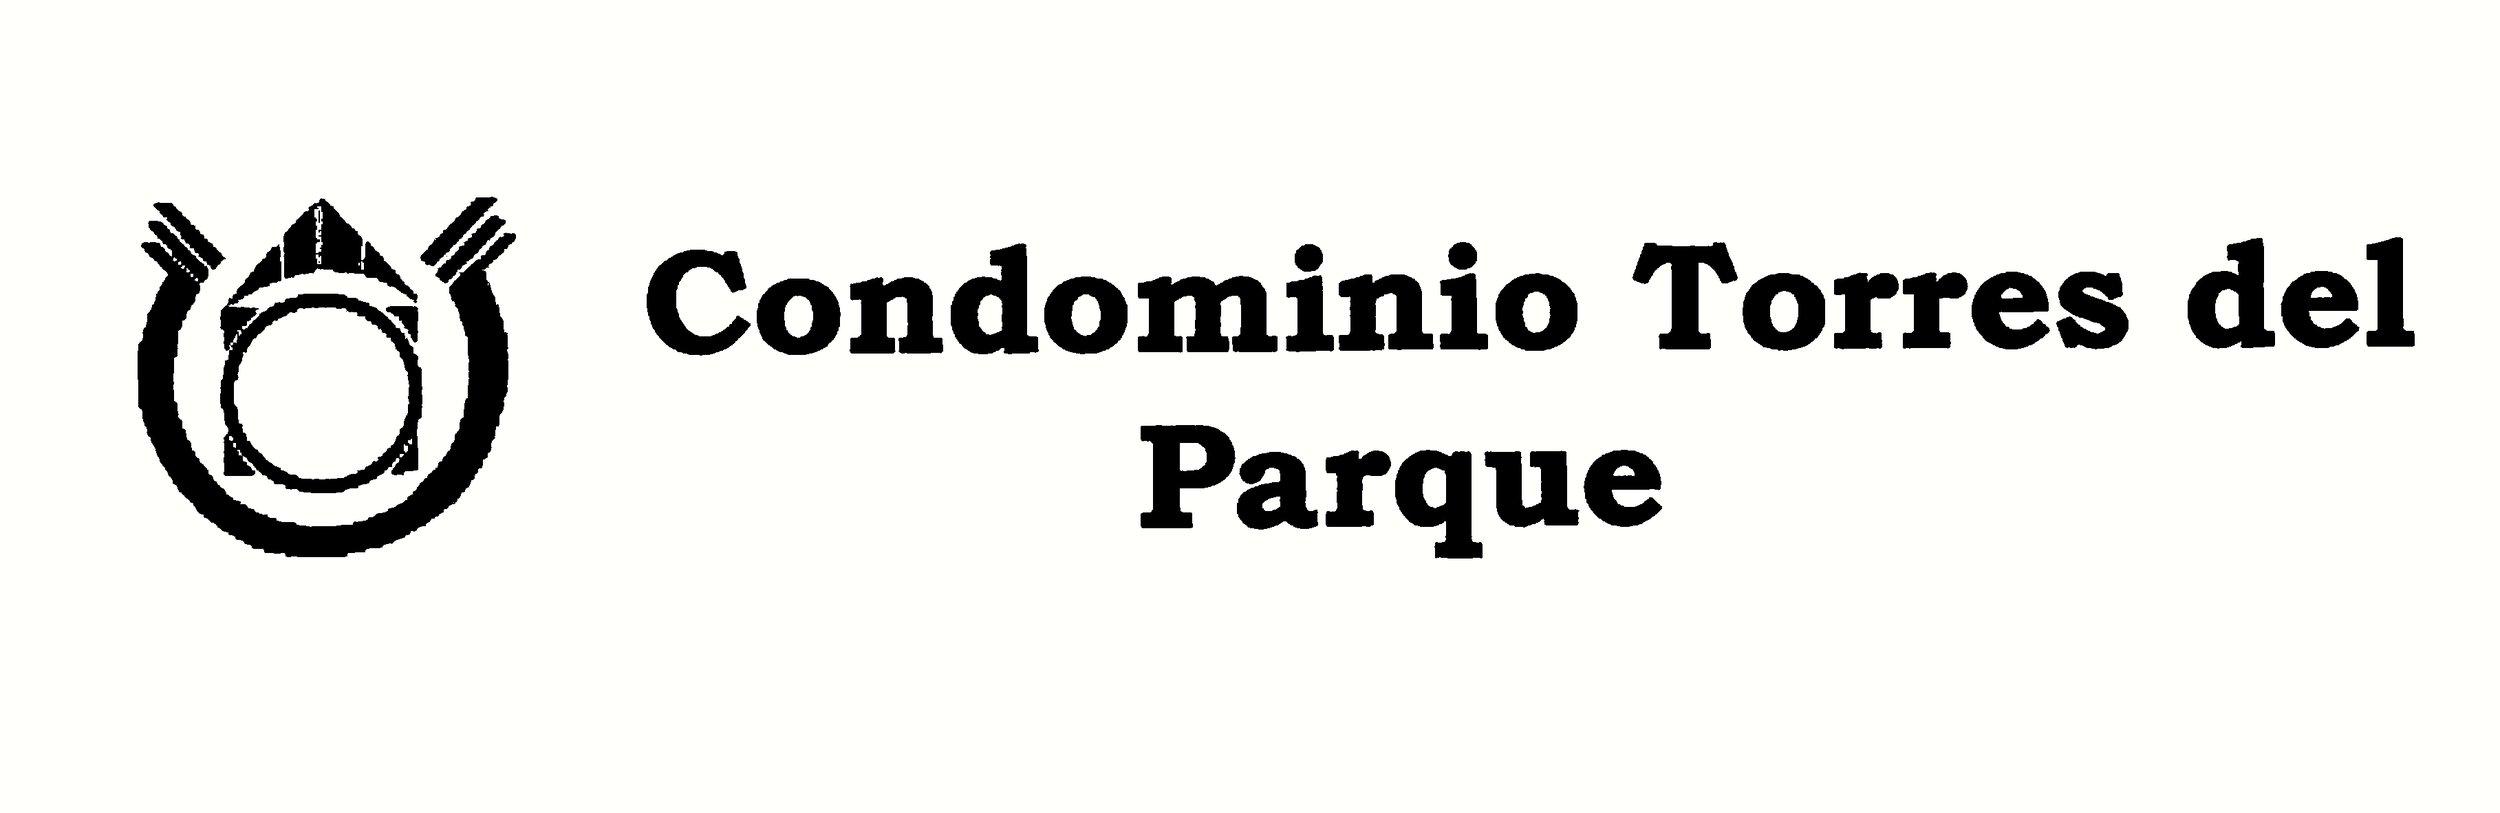 COND. TORRES DEL PARQUE.jpg